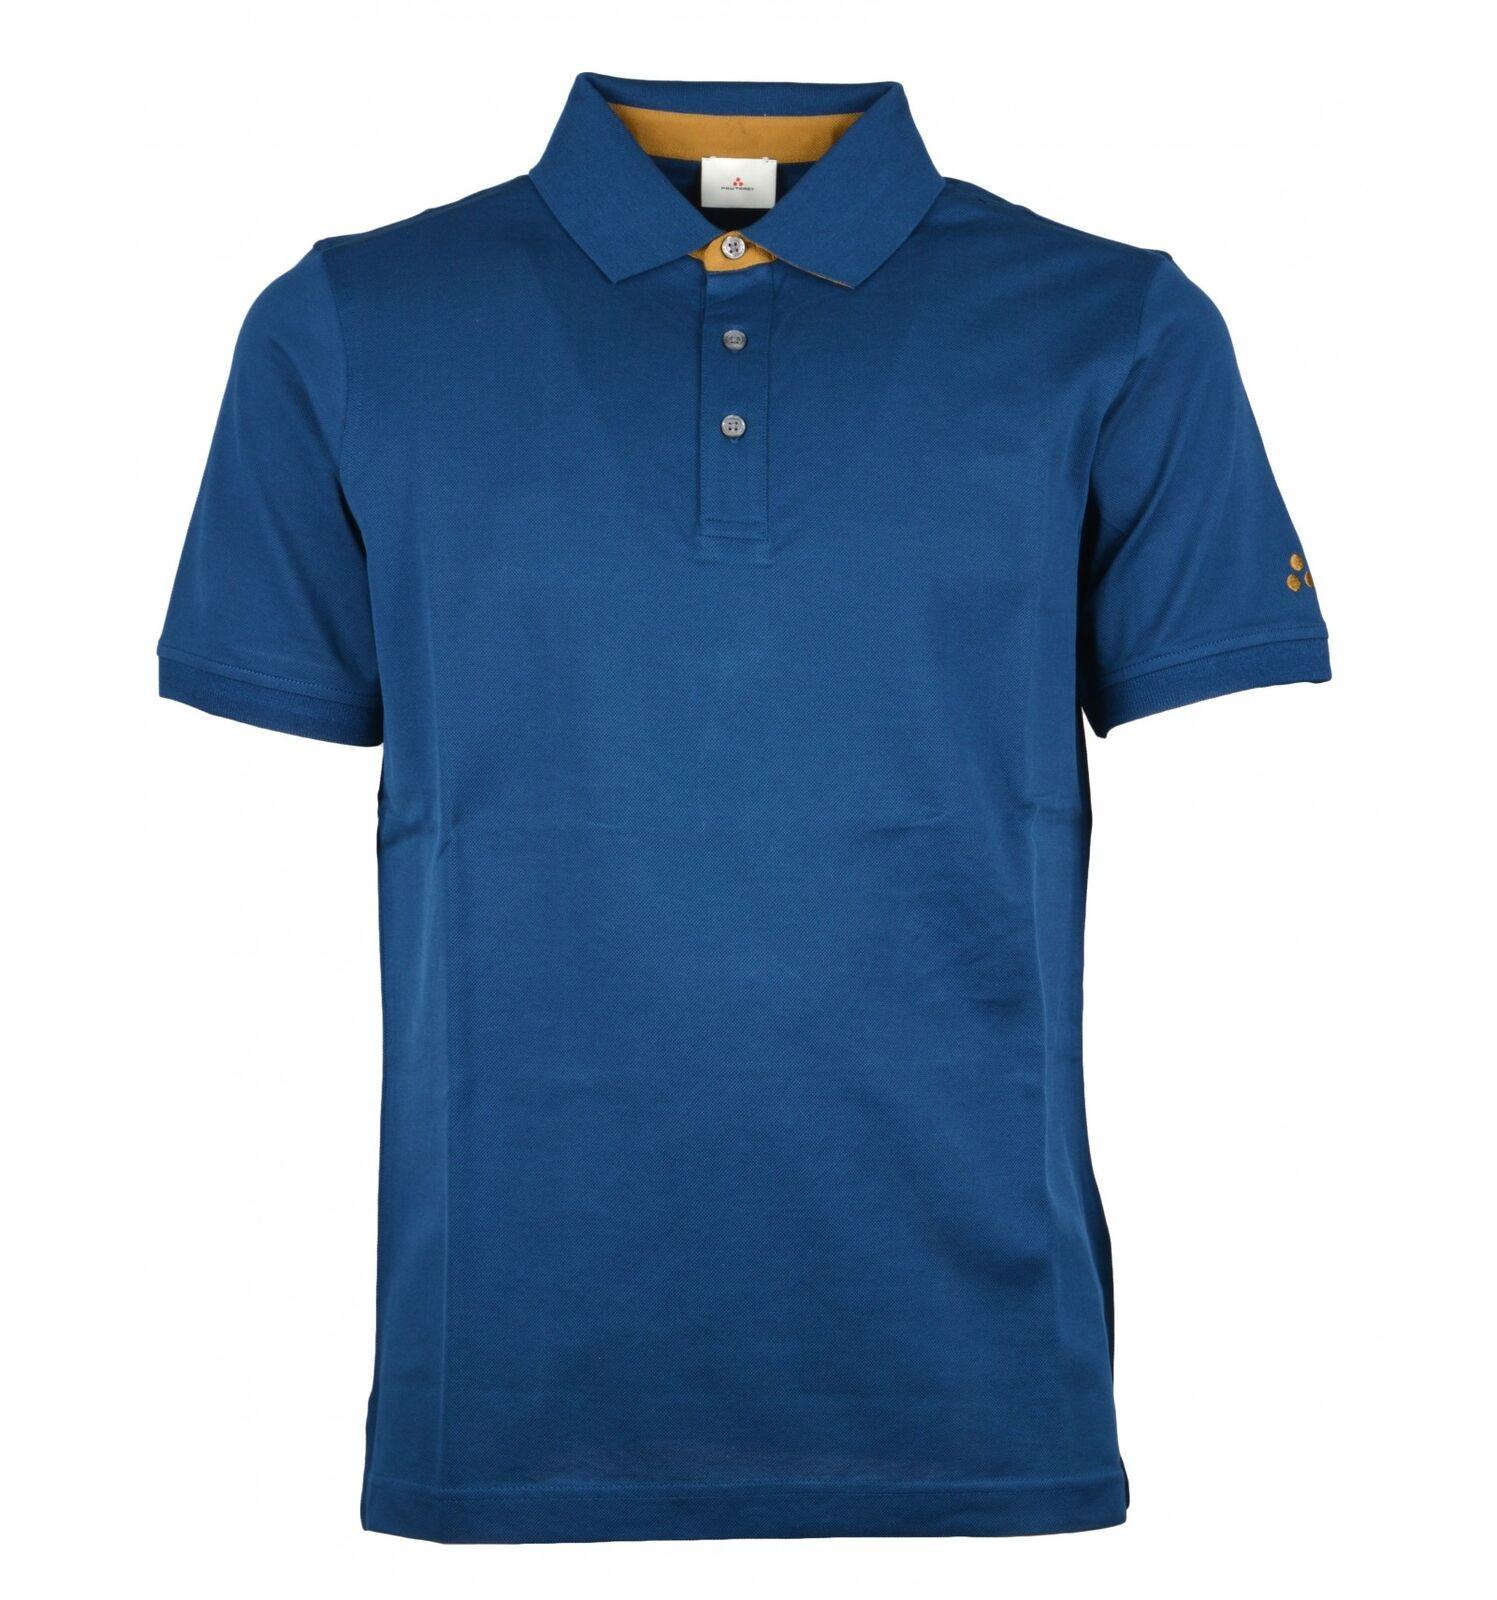 PEUTEREY uomo maglia polo blu avio LISIMBA PEU2471 151